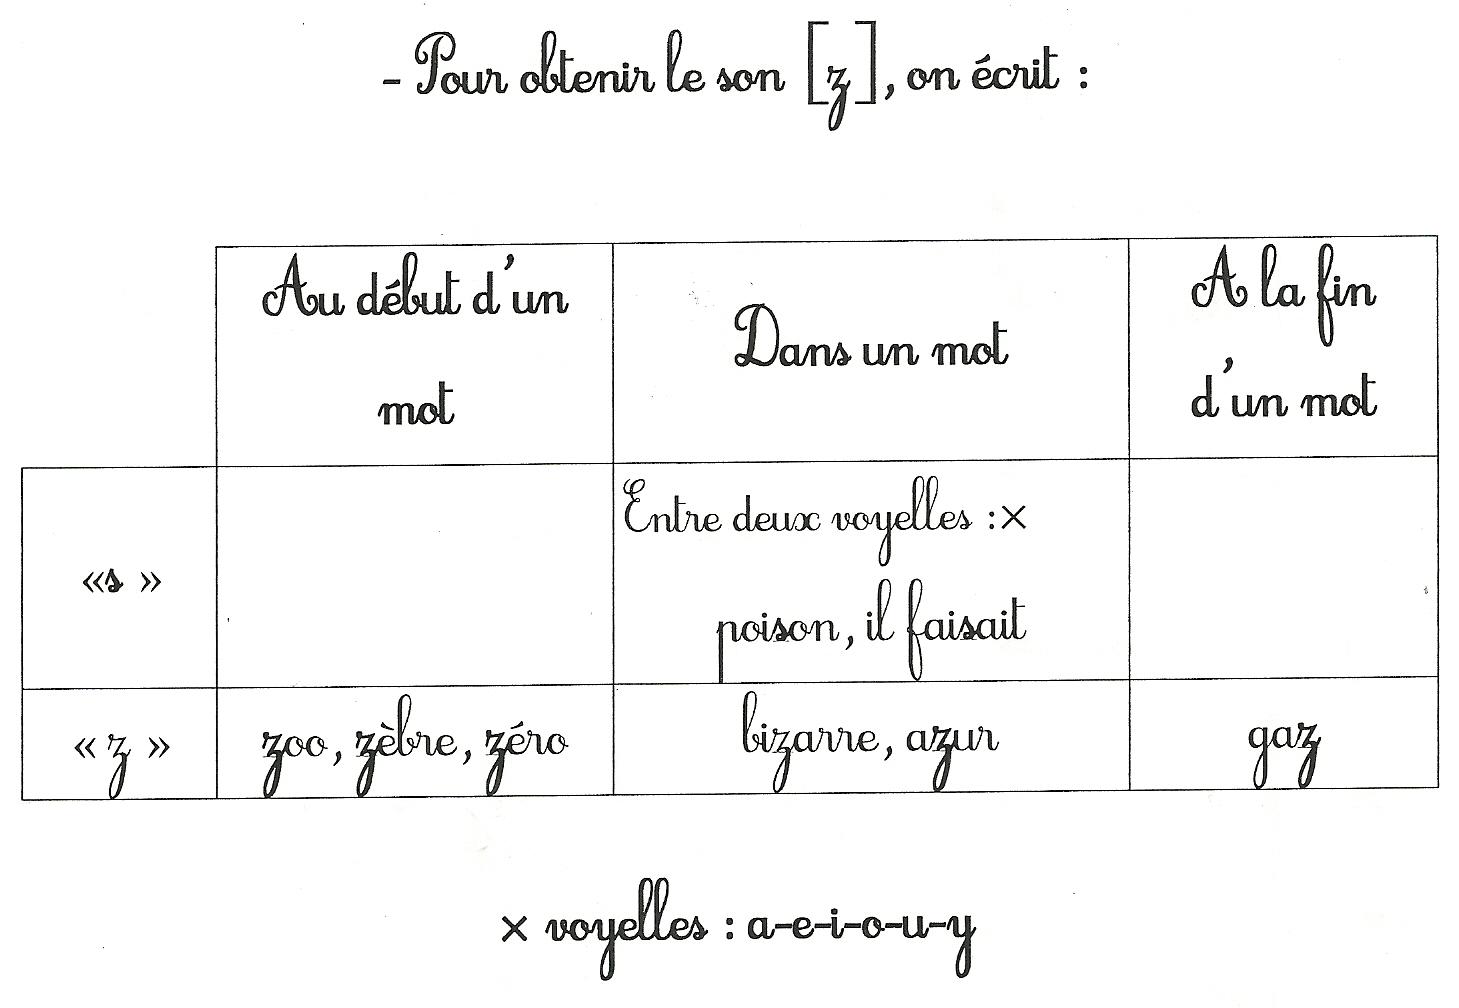 Pour obtenir le son [z] on écrit  dans Français sonz0001